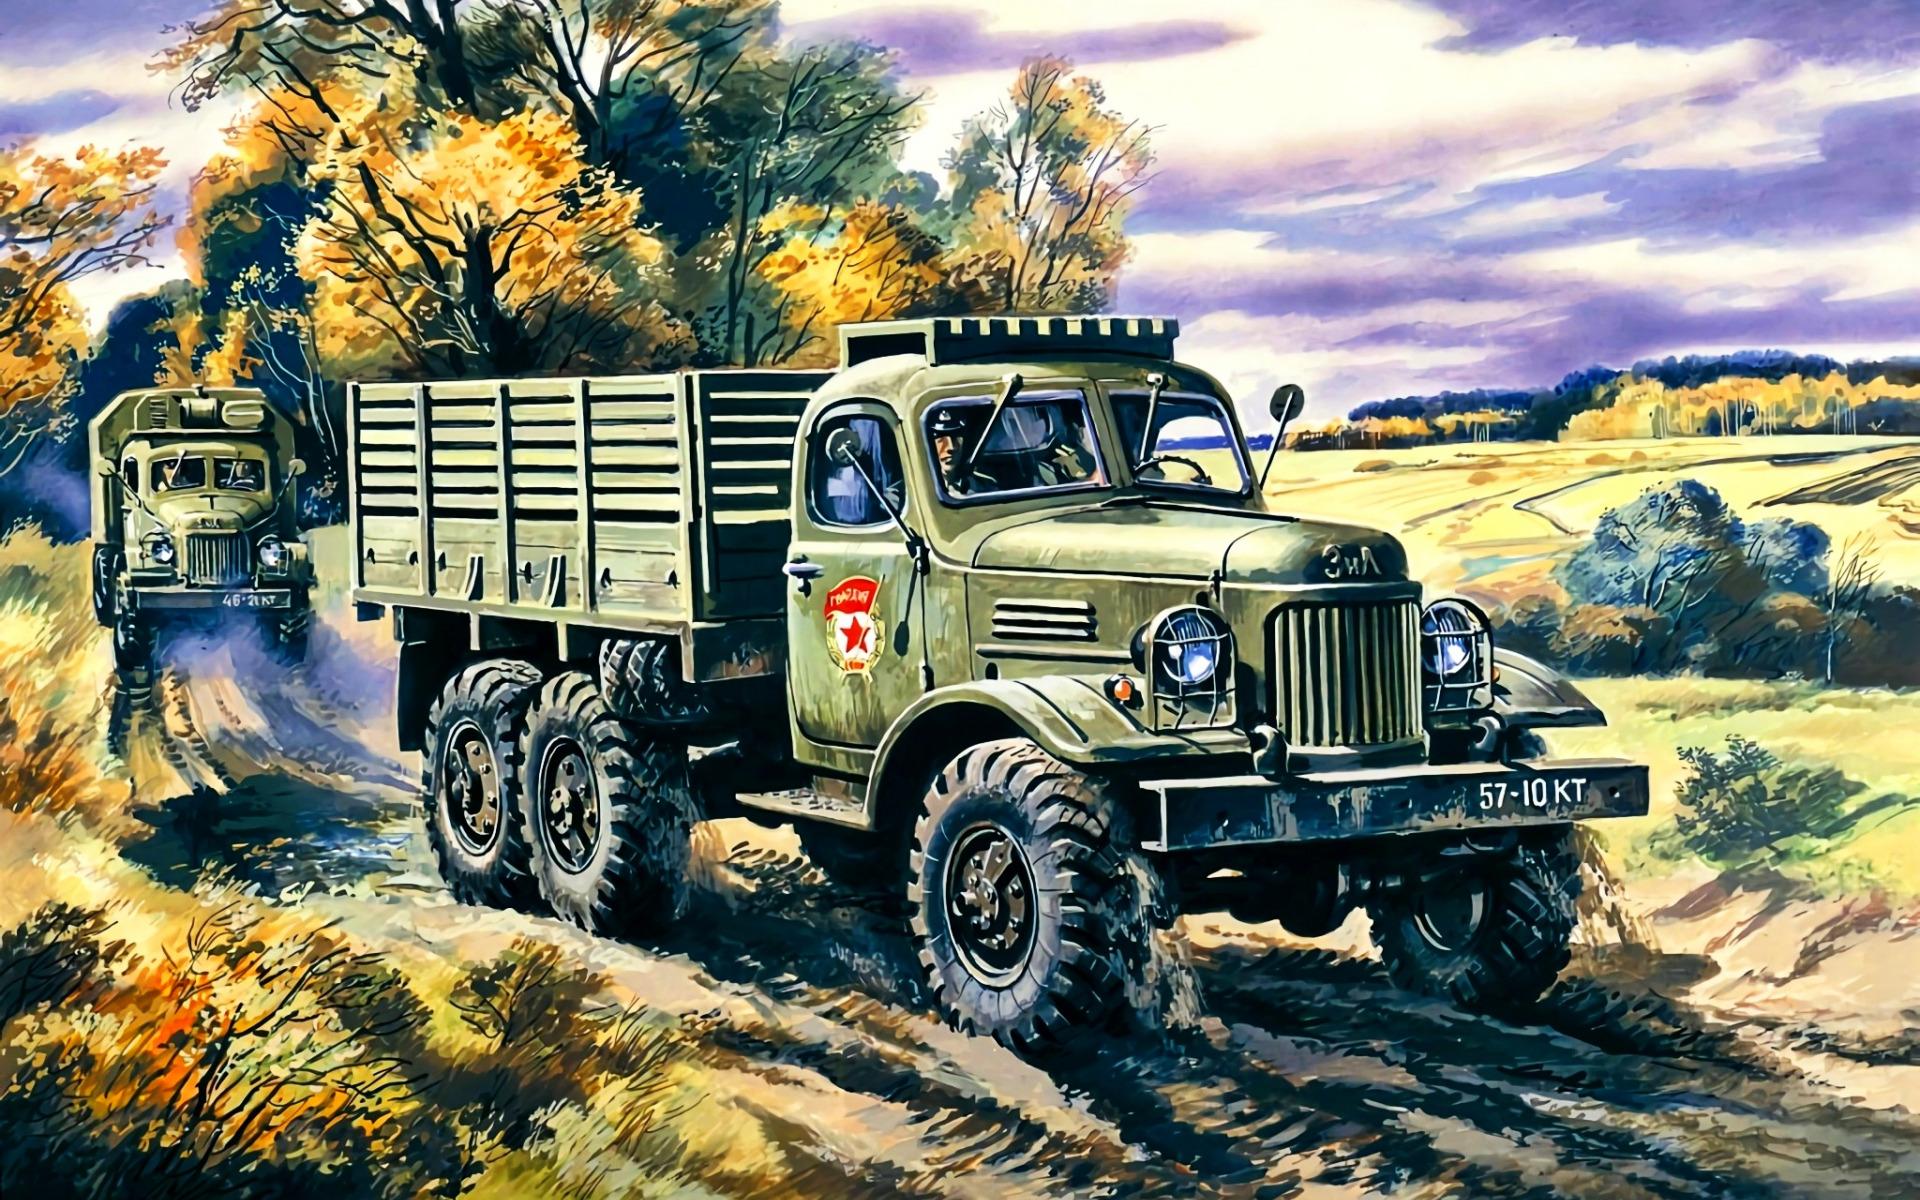 zil-157-vooruzhennye-sily-sssr-gruzovoi-avtomobil-povyshenno.jpg